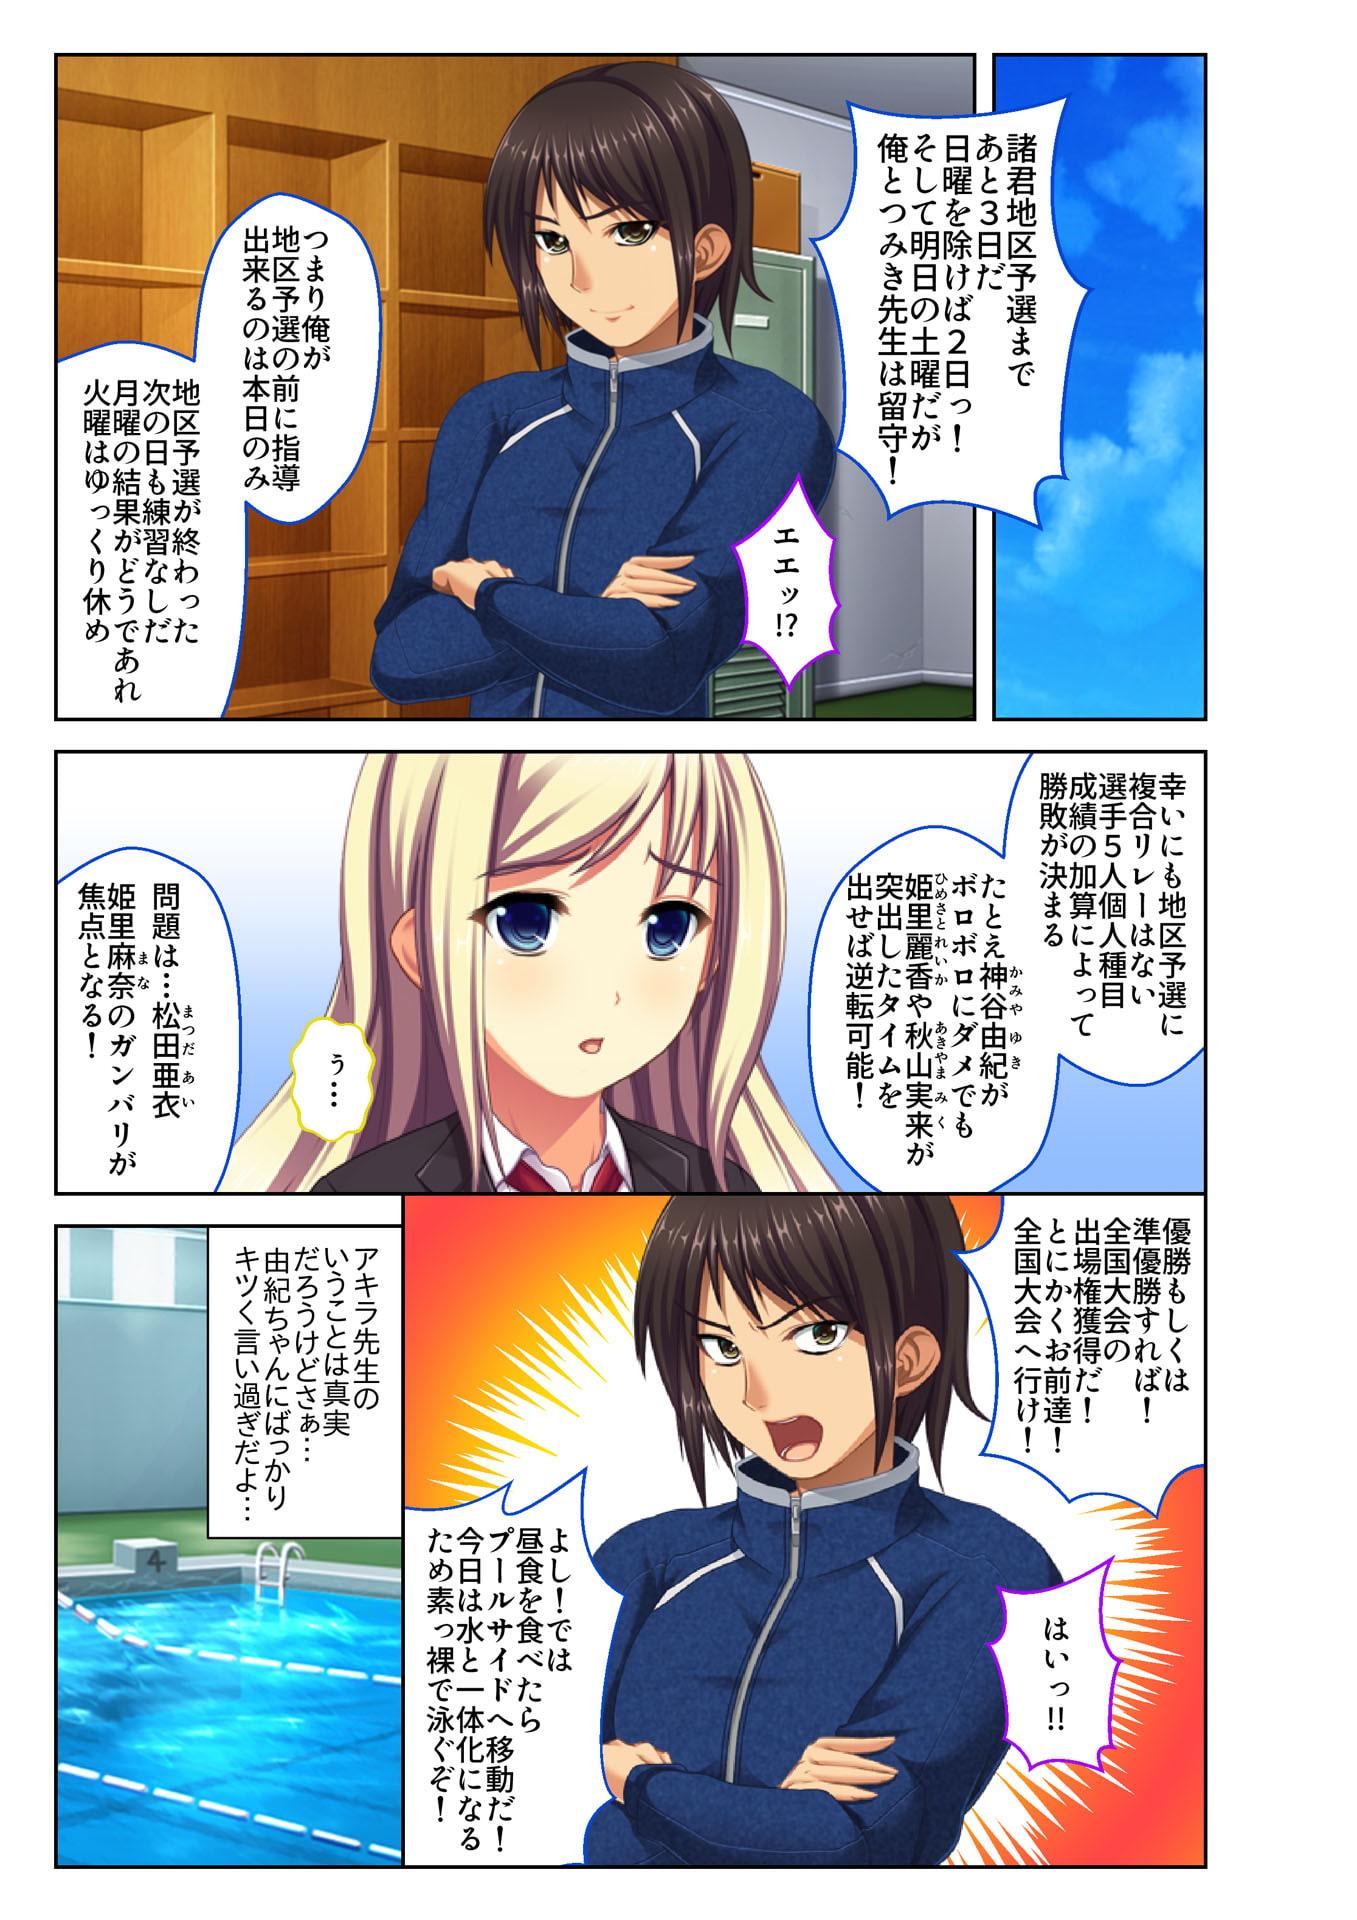 【フルカラー】ご褒美えっち! ~水着をズラして好きなだけ~(3)